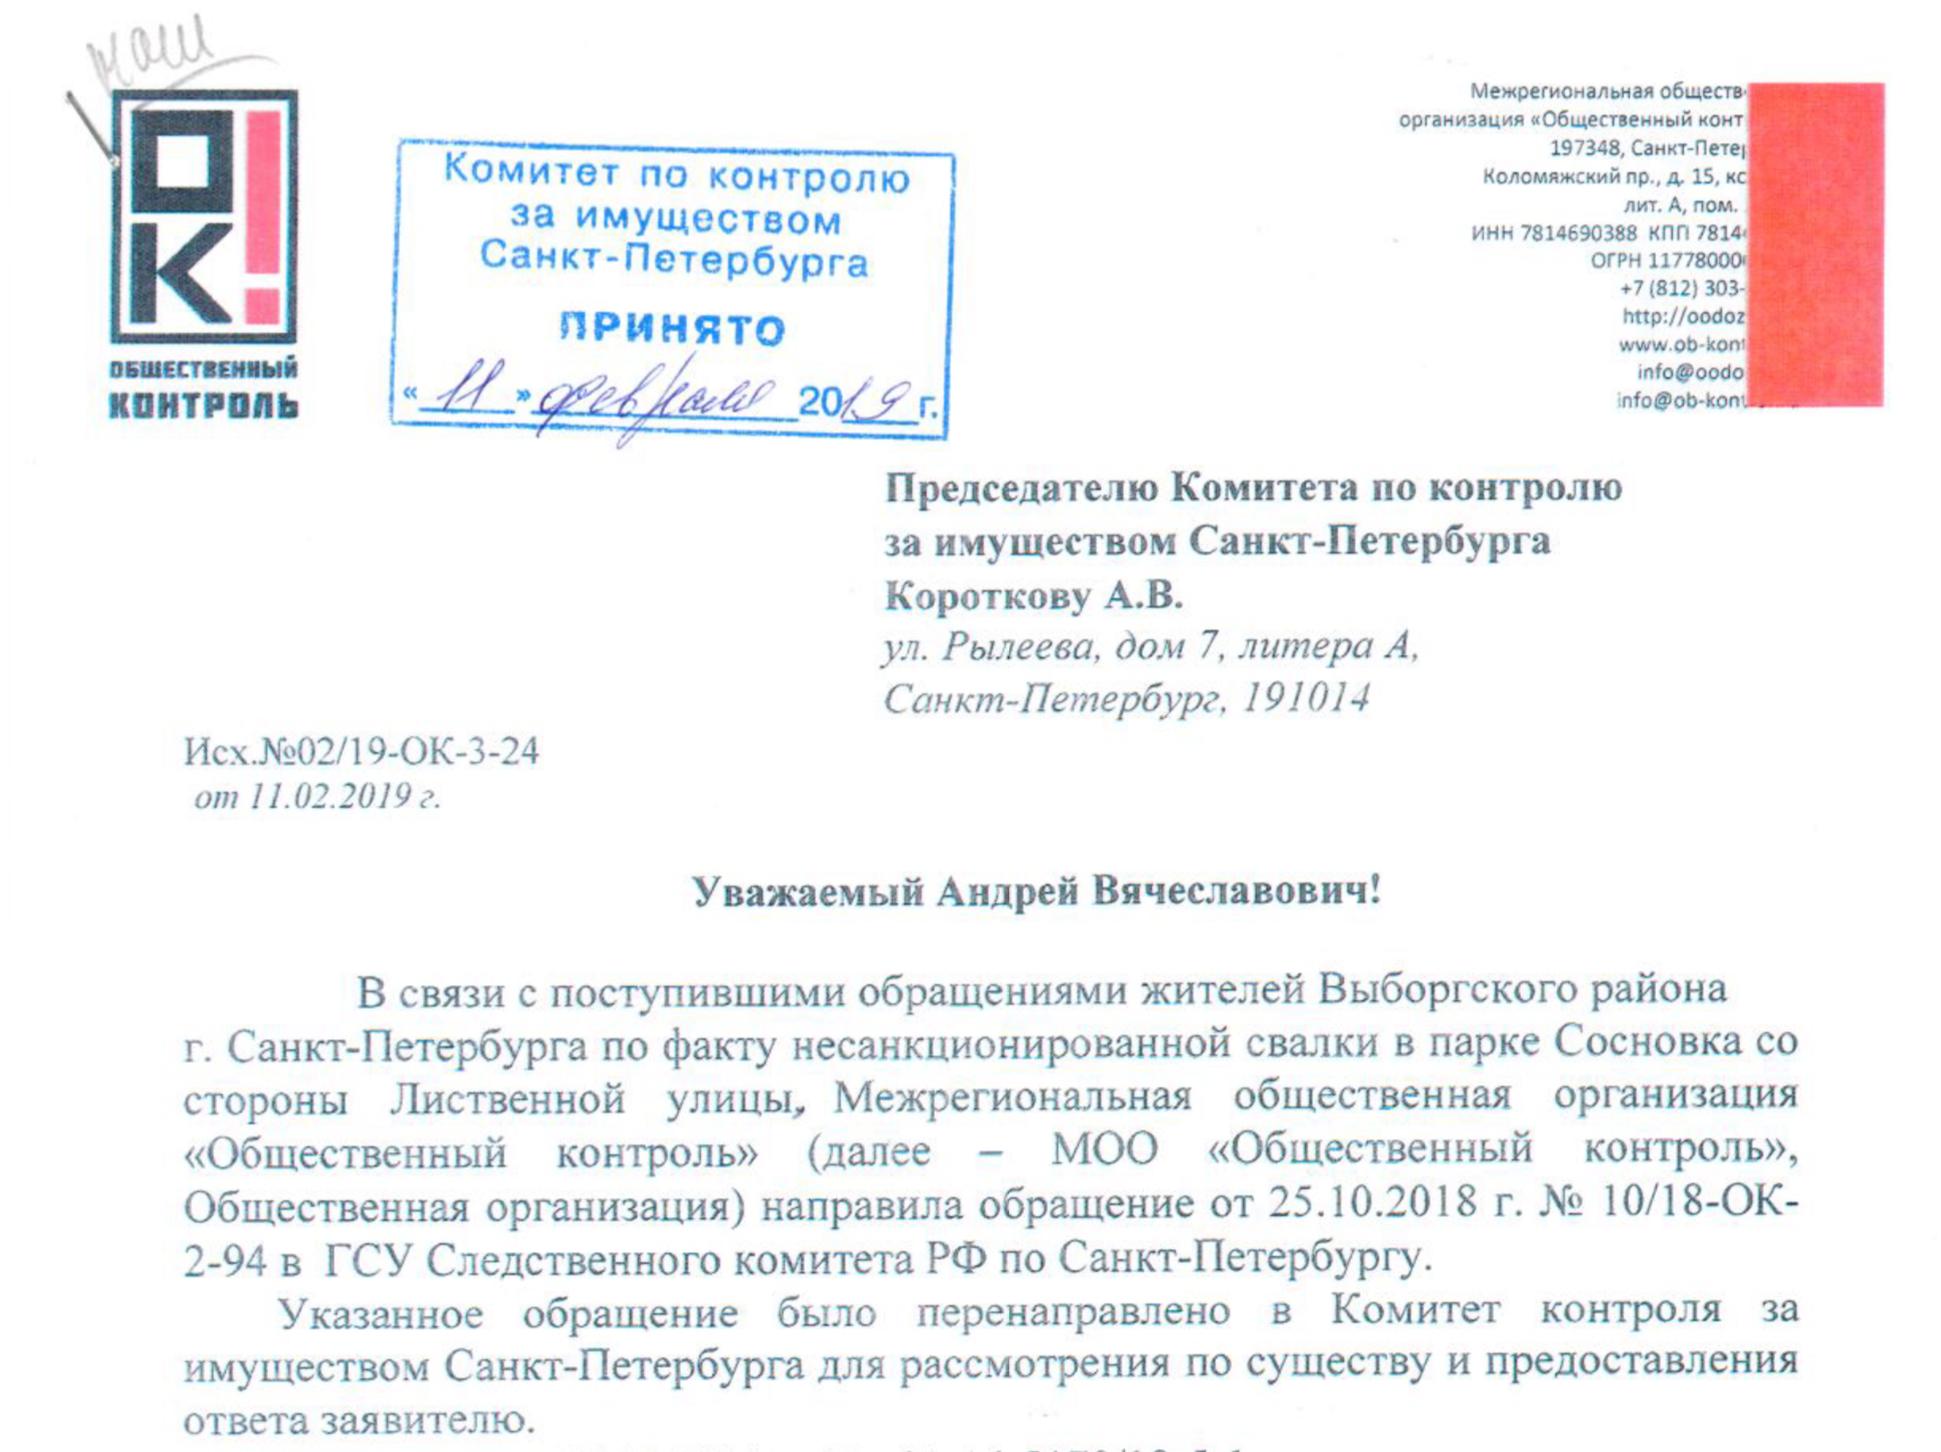 Обращение к Председателю Комитета по контролю  за имуществом Санкт-Петербурга Короткову А.В. по вопросу по факту несанкционированной свалки в парке Сосновка со стороны Лиственной улицы